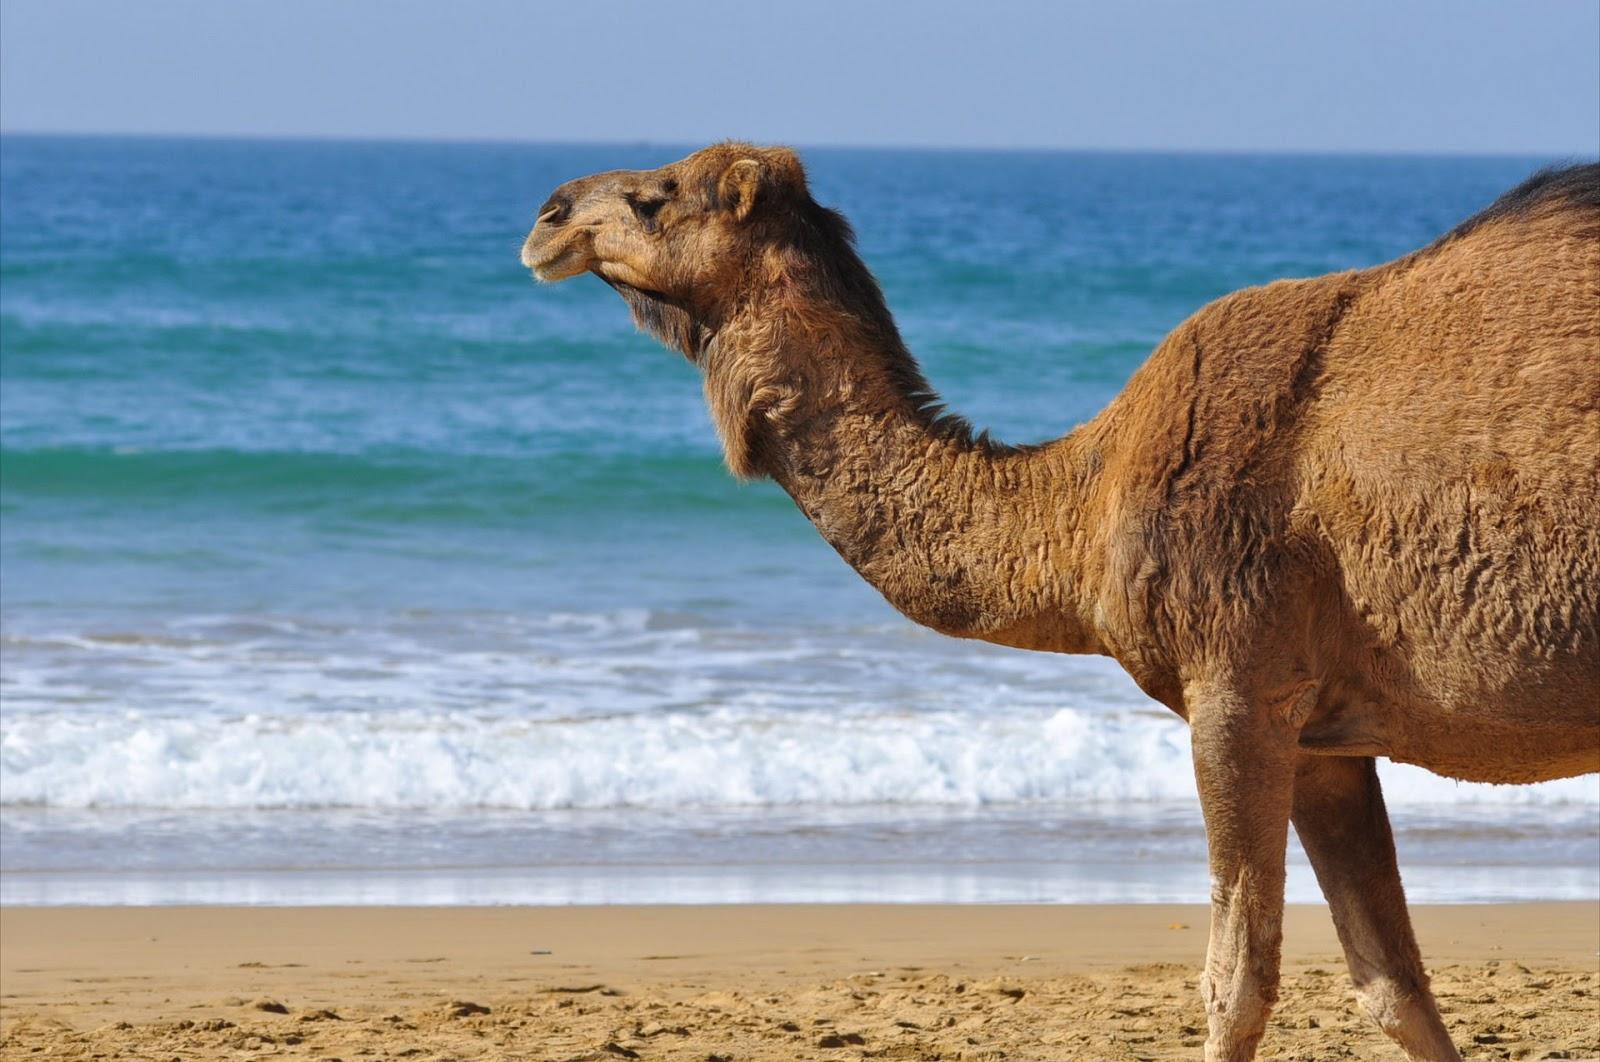 Сматреть порно бесплатно с верблюдами